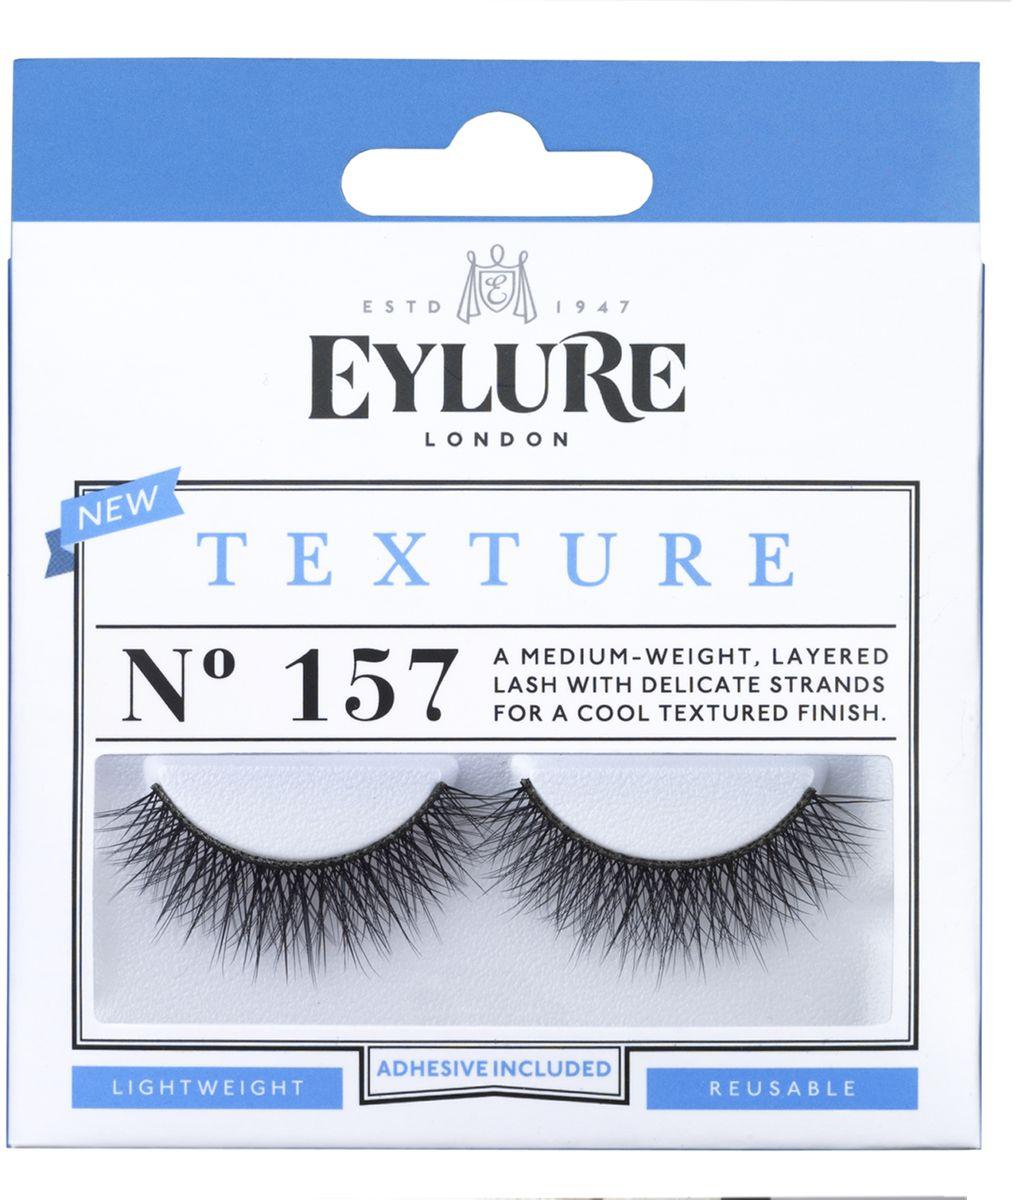 Eylure Накладные ренсицы текстурные Texture6001362Накладные ресницы из натурального волоса для создания эффекта длины.